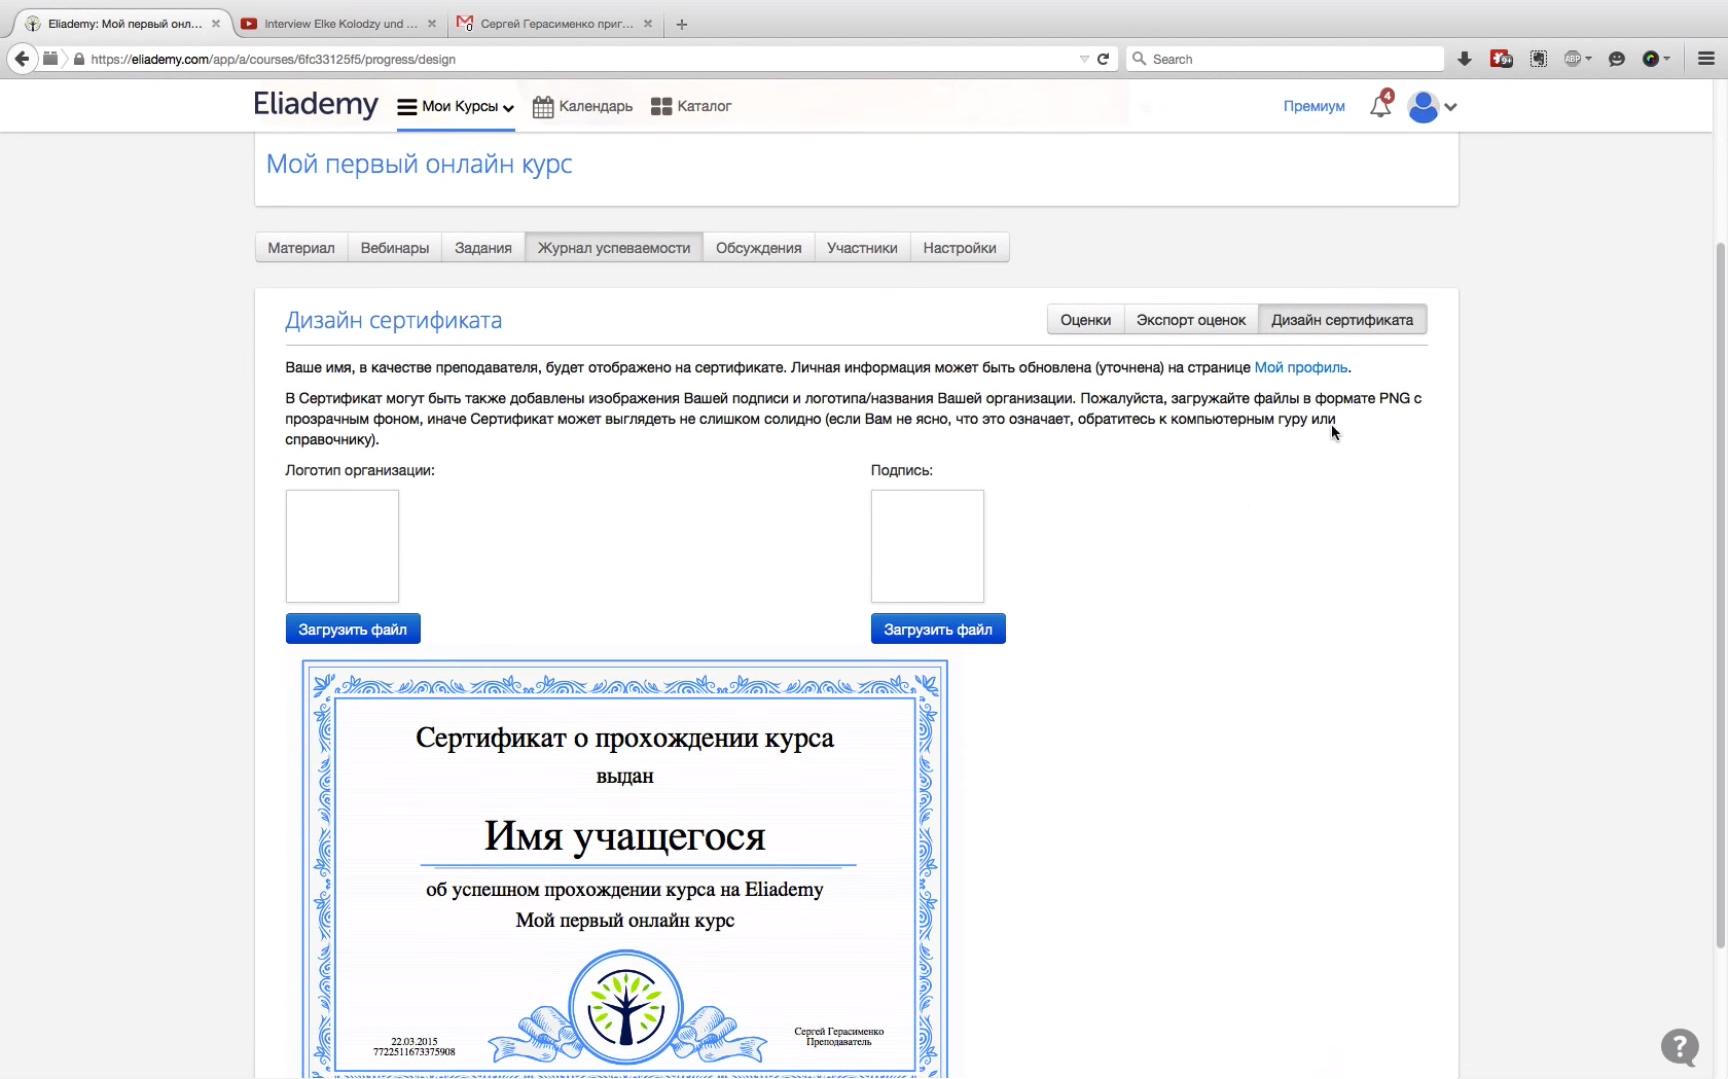 Управление курсовыми сертификатами в LMS Eliademy